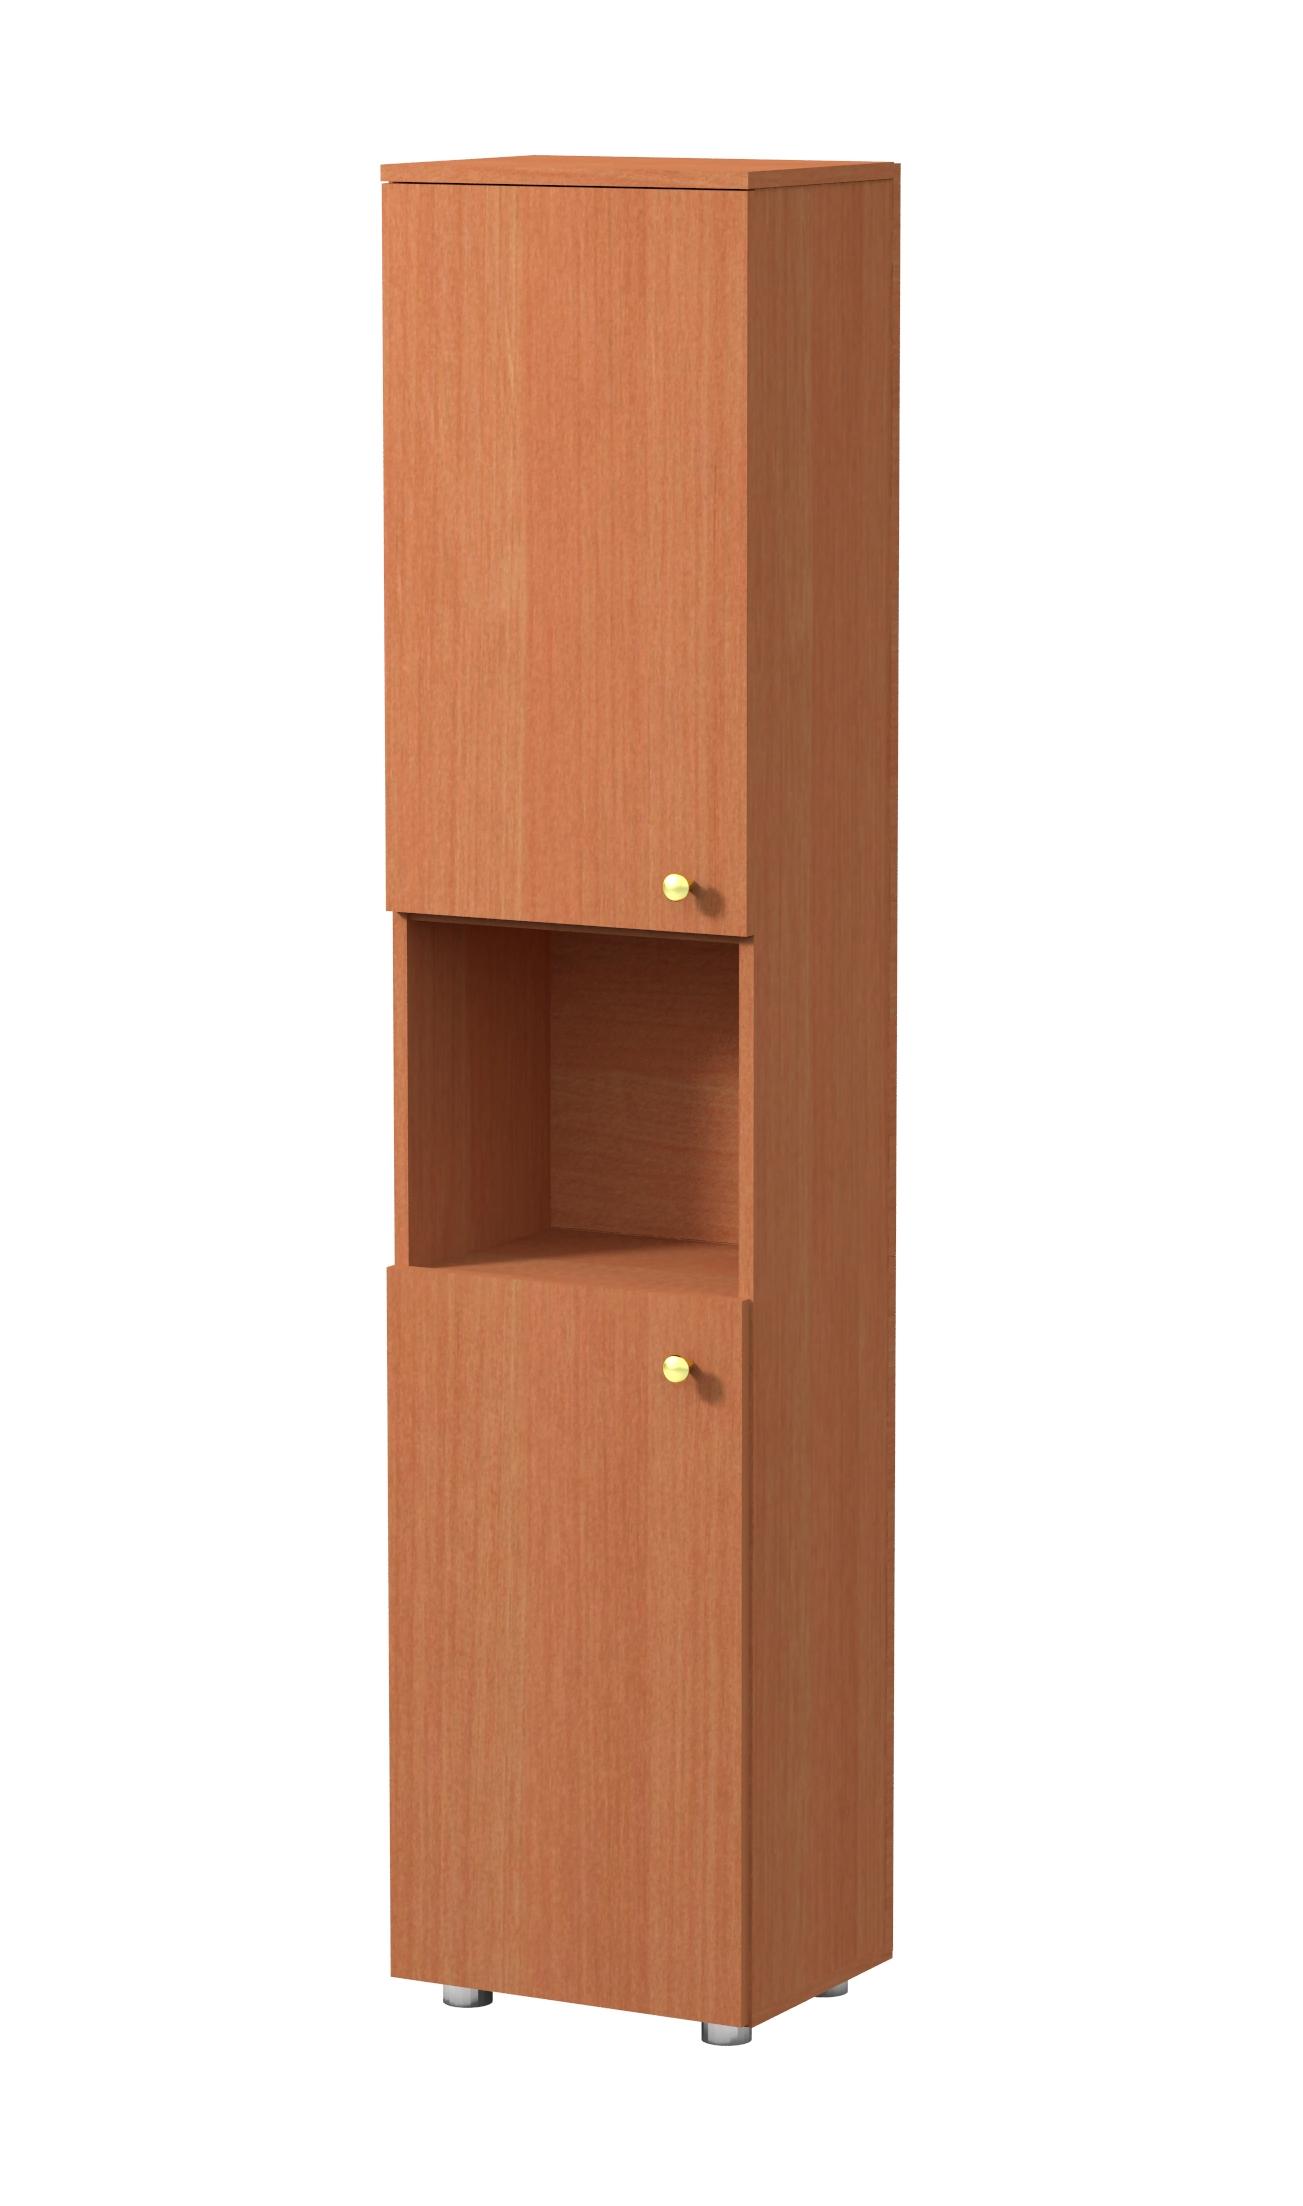 Шкаф книжный ШК-06 шкаф витрина мебель смоленск шк 07